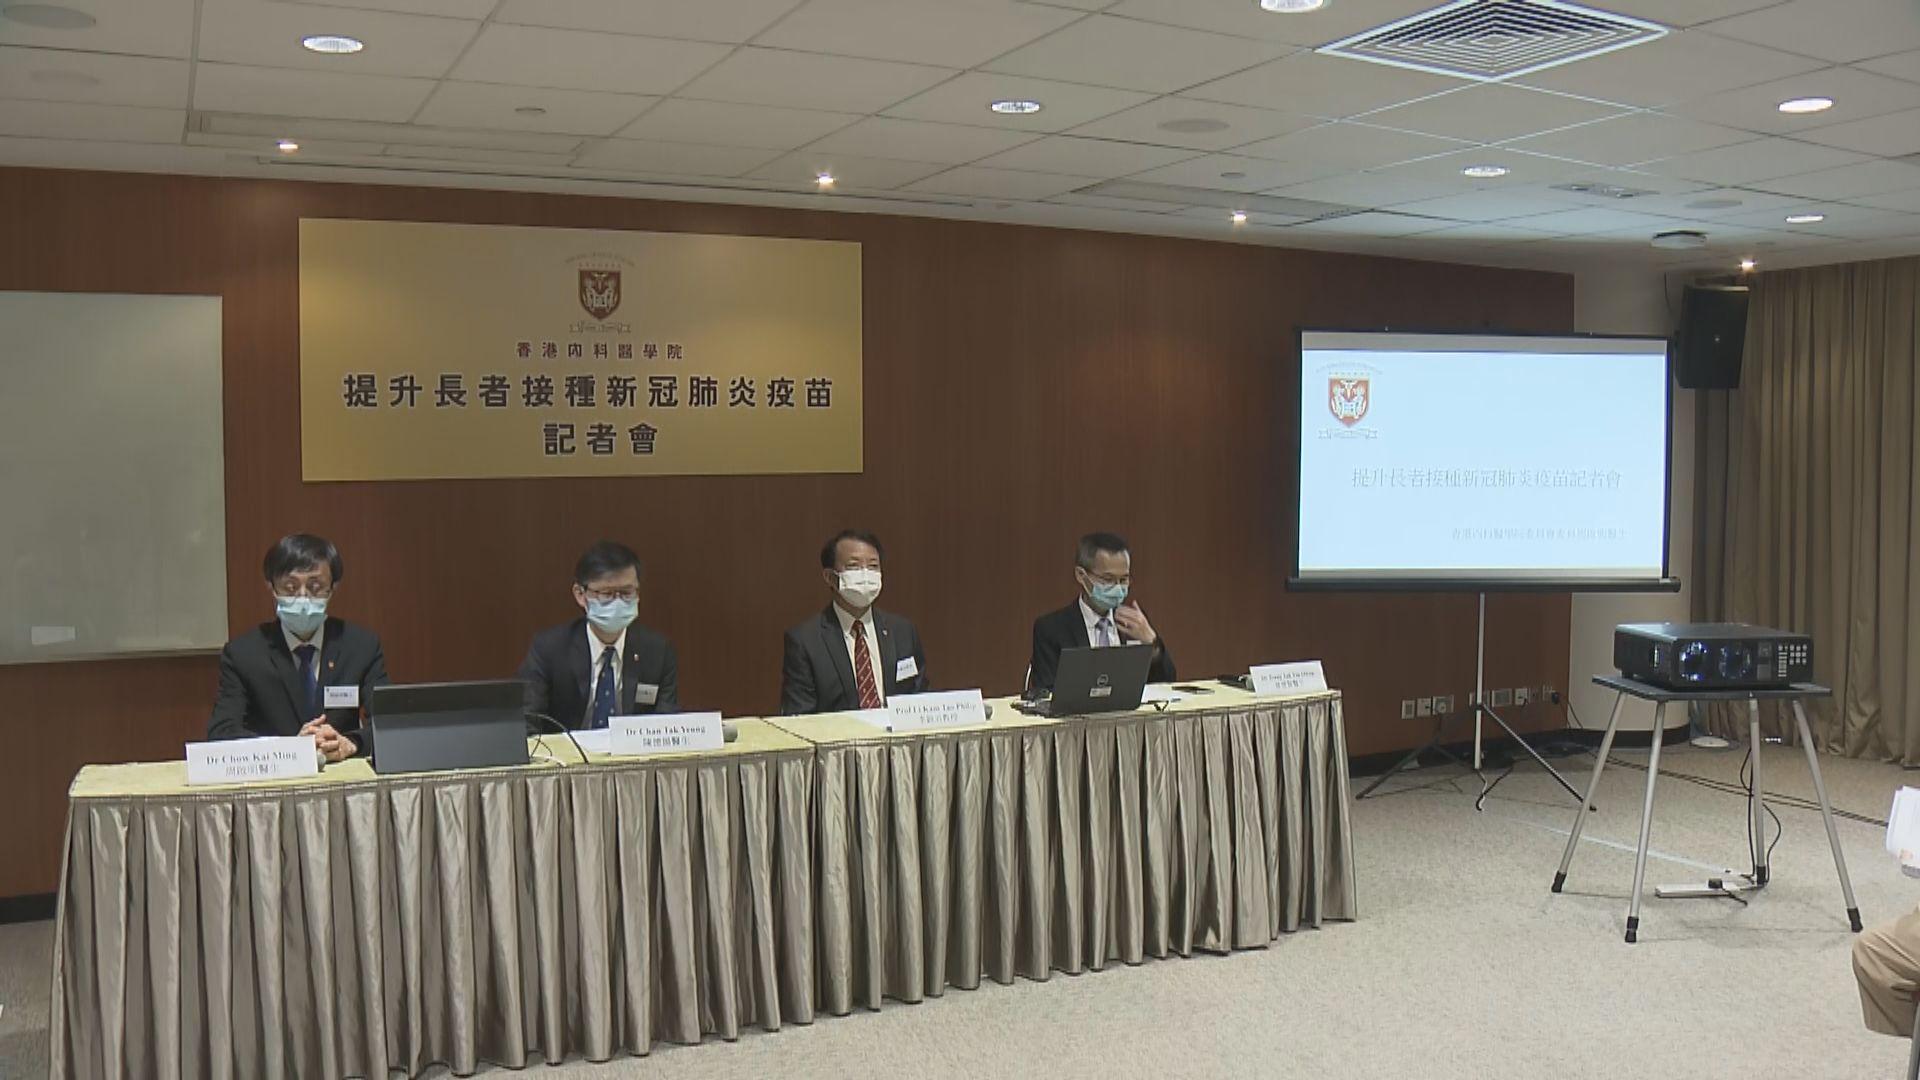 香港內科醫學院建議患慢性病長者接種新冠疫苗